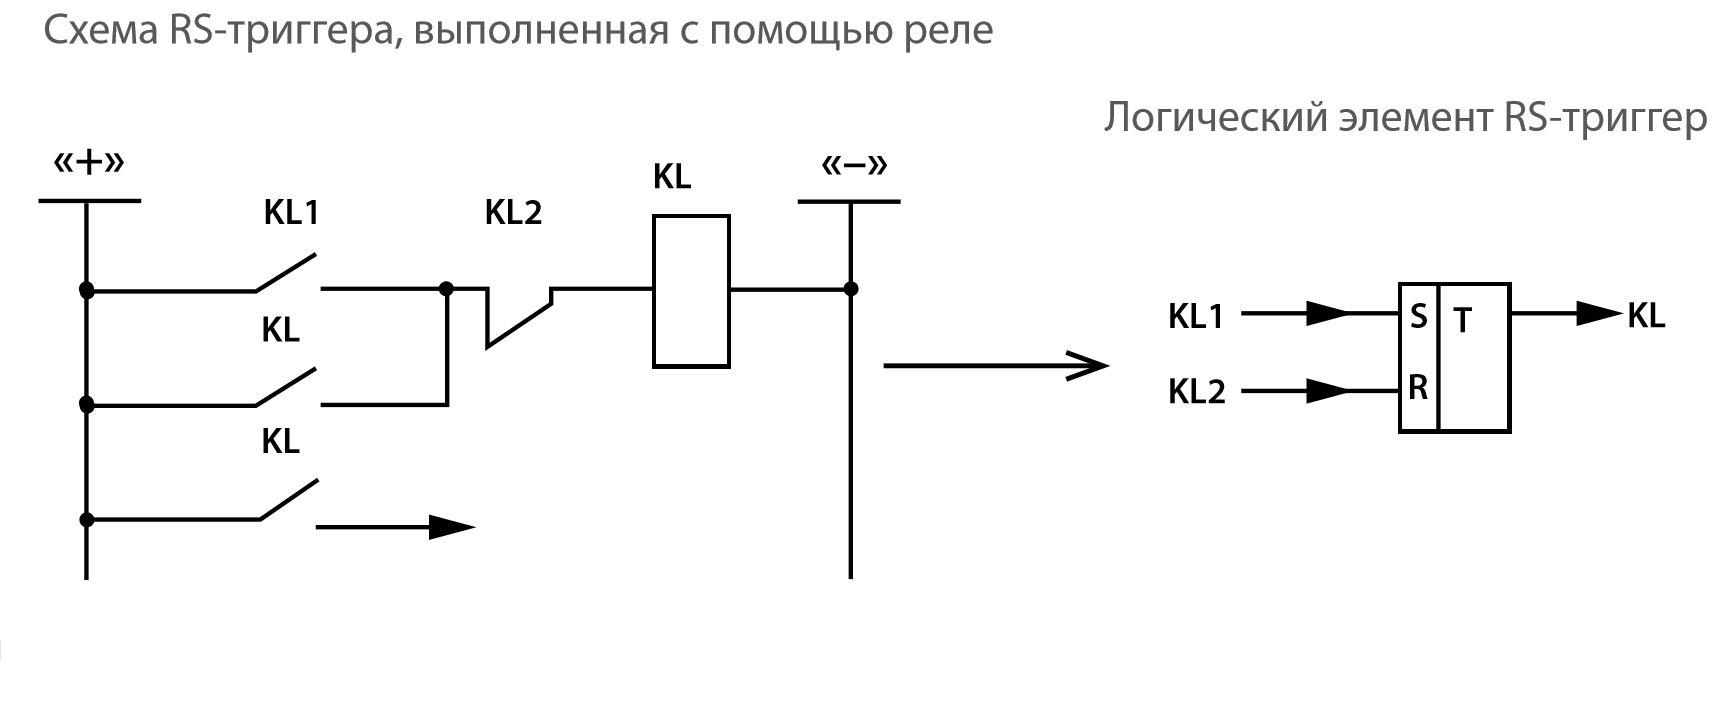 Рис. 6. Логический элемент RS-триггер